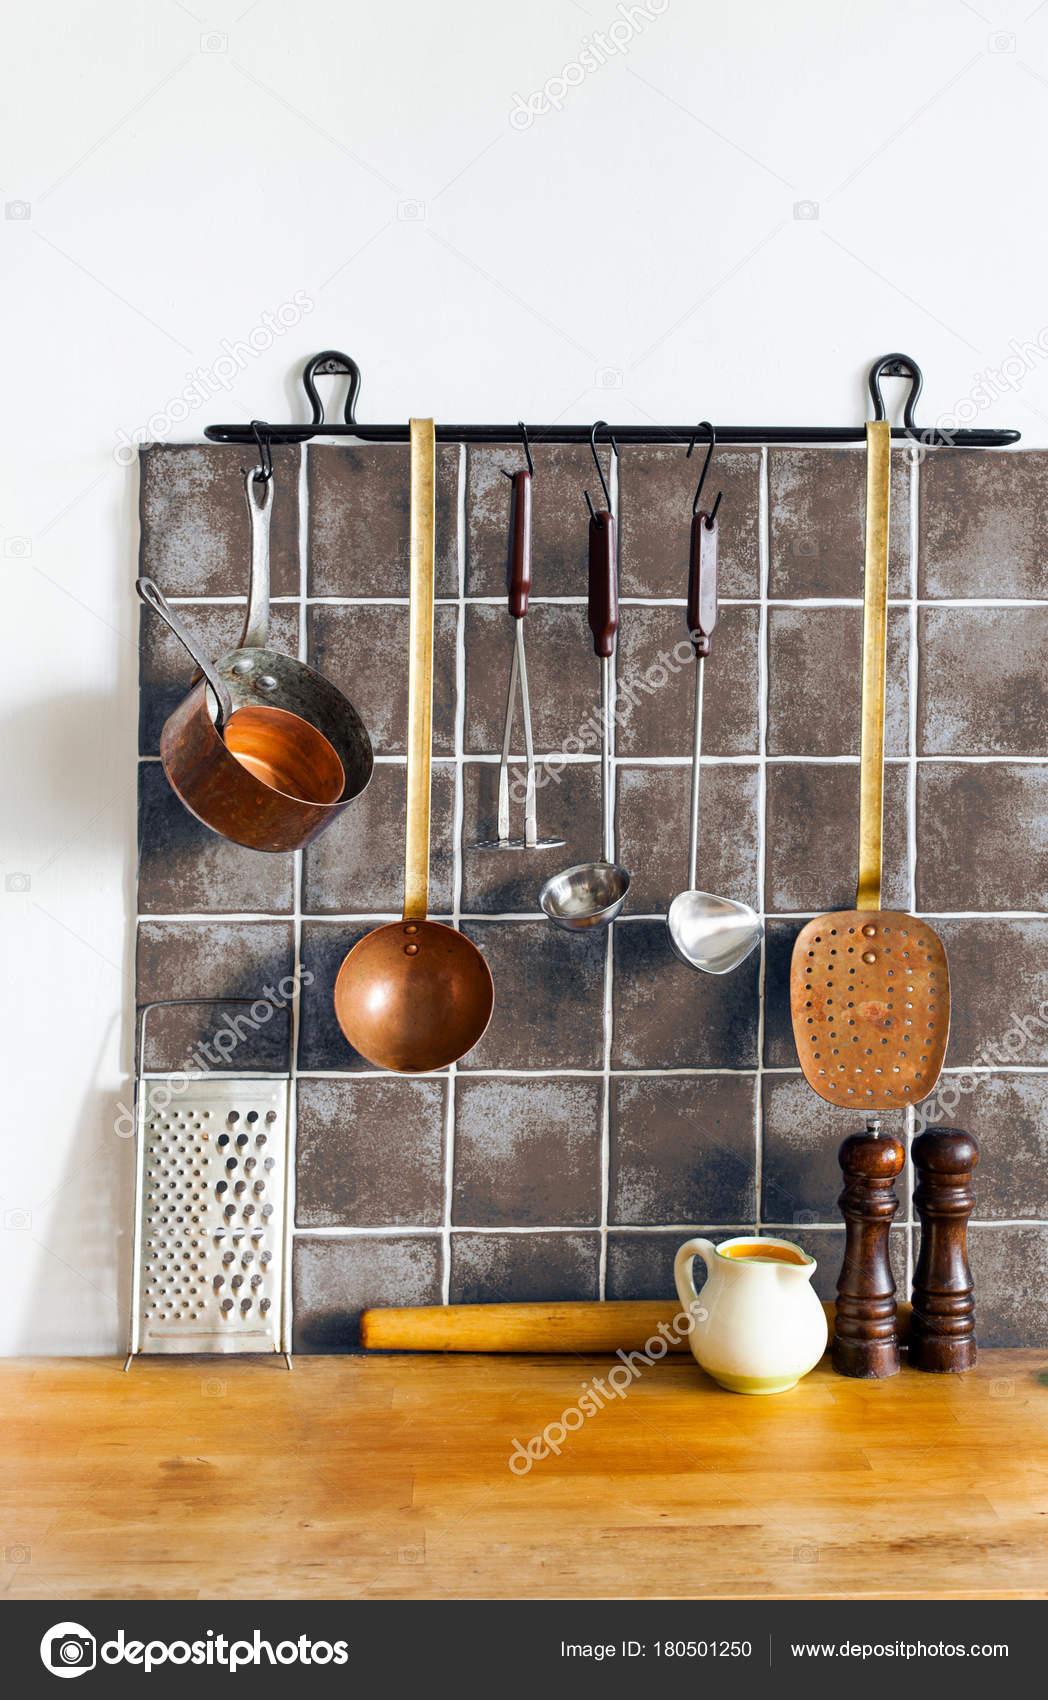 Interni: cucina retrò still life. Utensili di ottone, accessori da ...